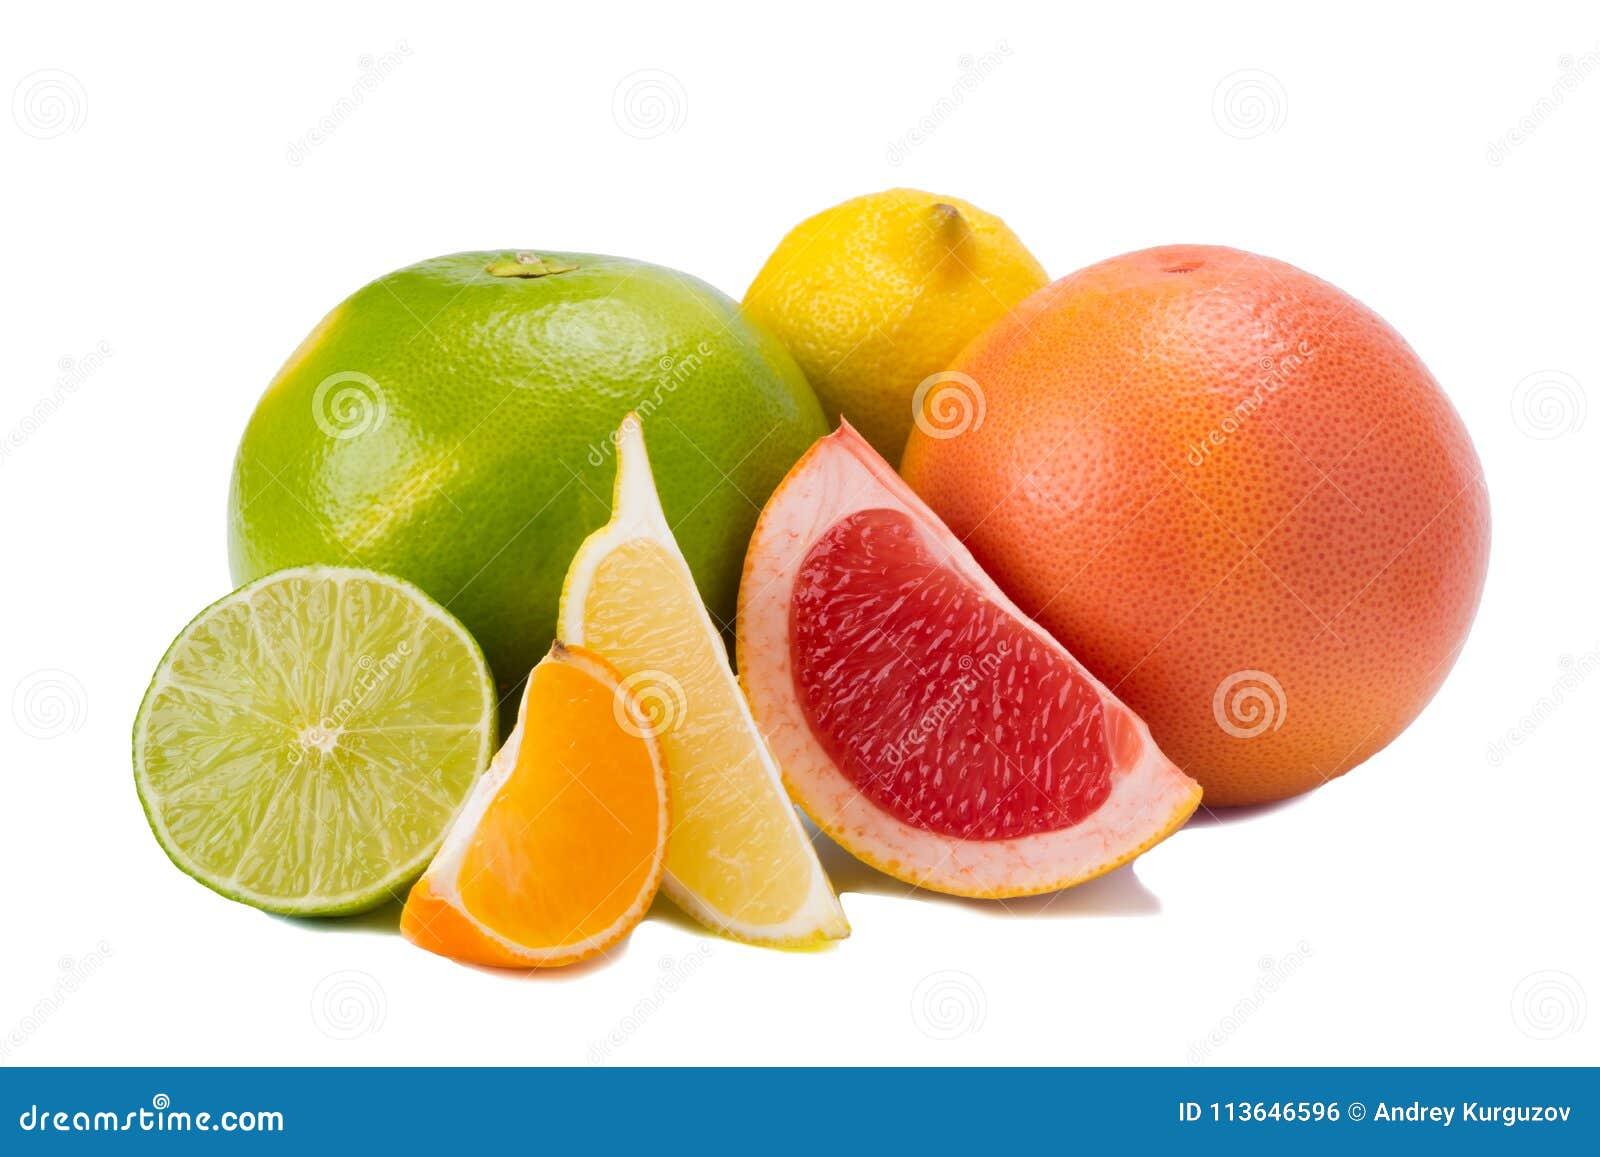 柑橘水果的不同的颜色,与在白色背景的维生素C